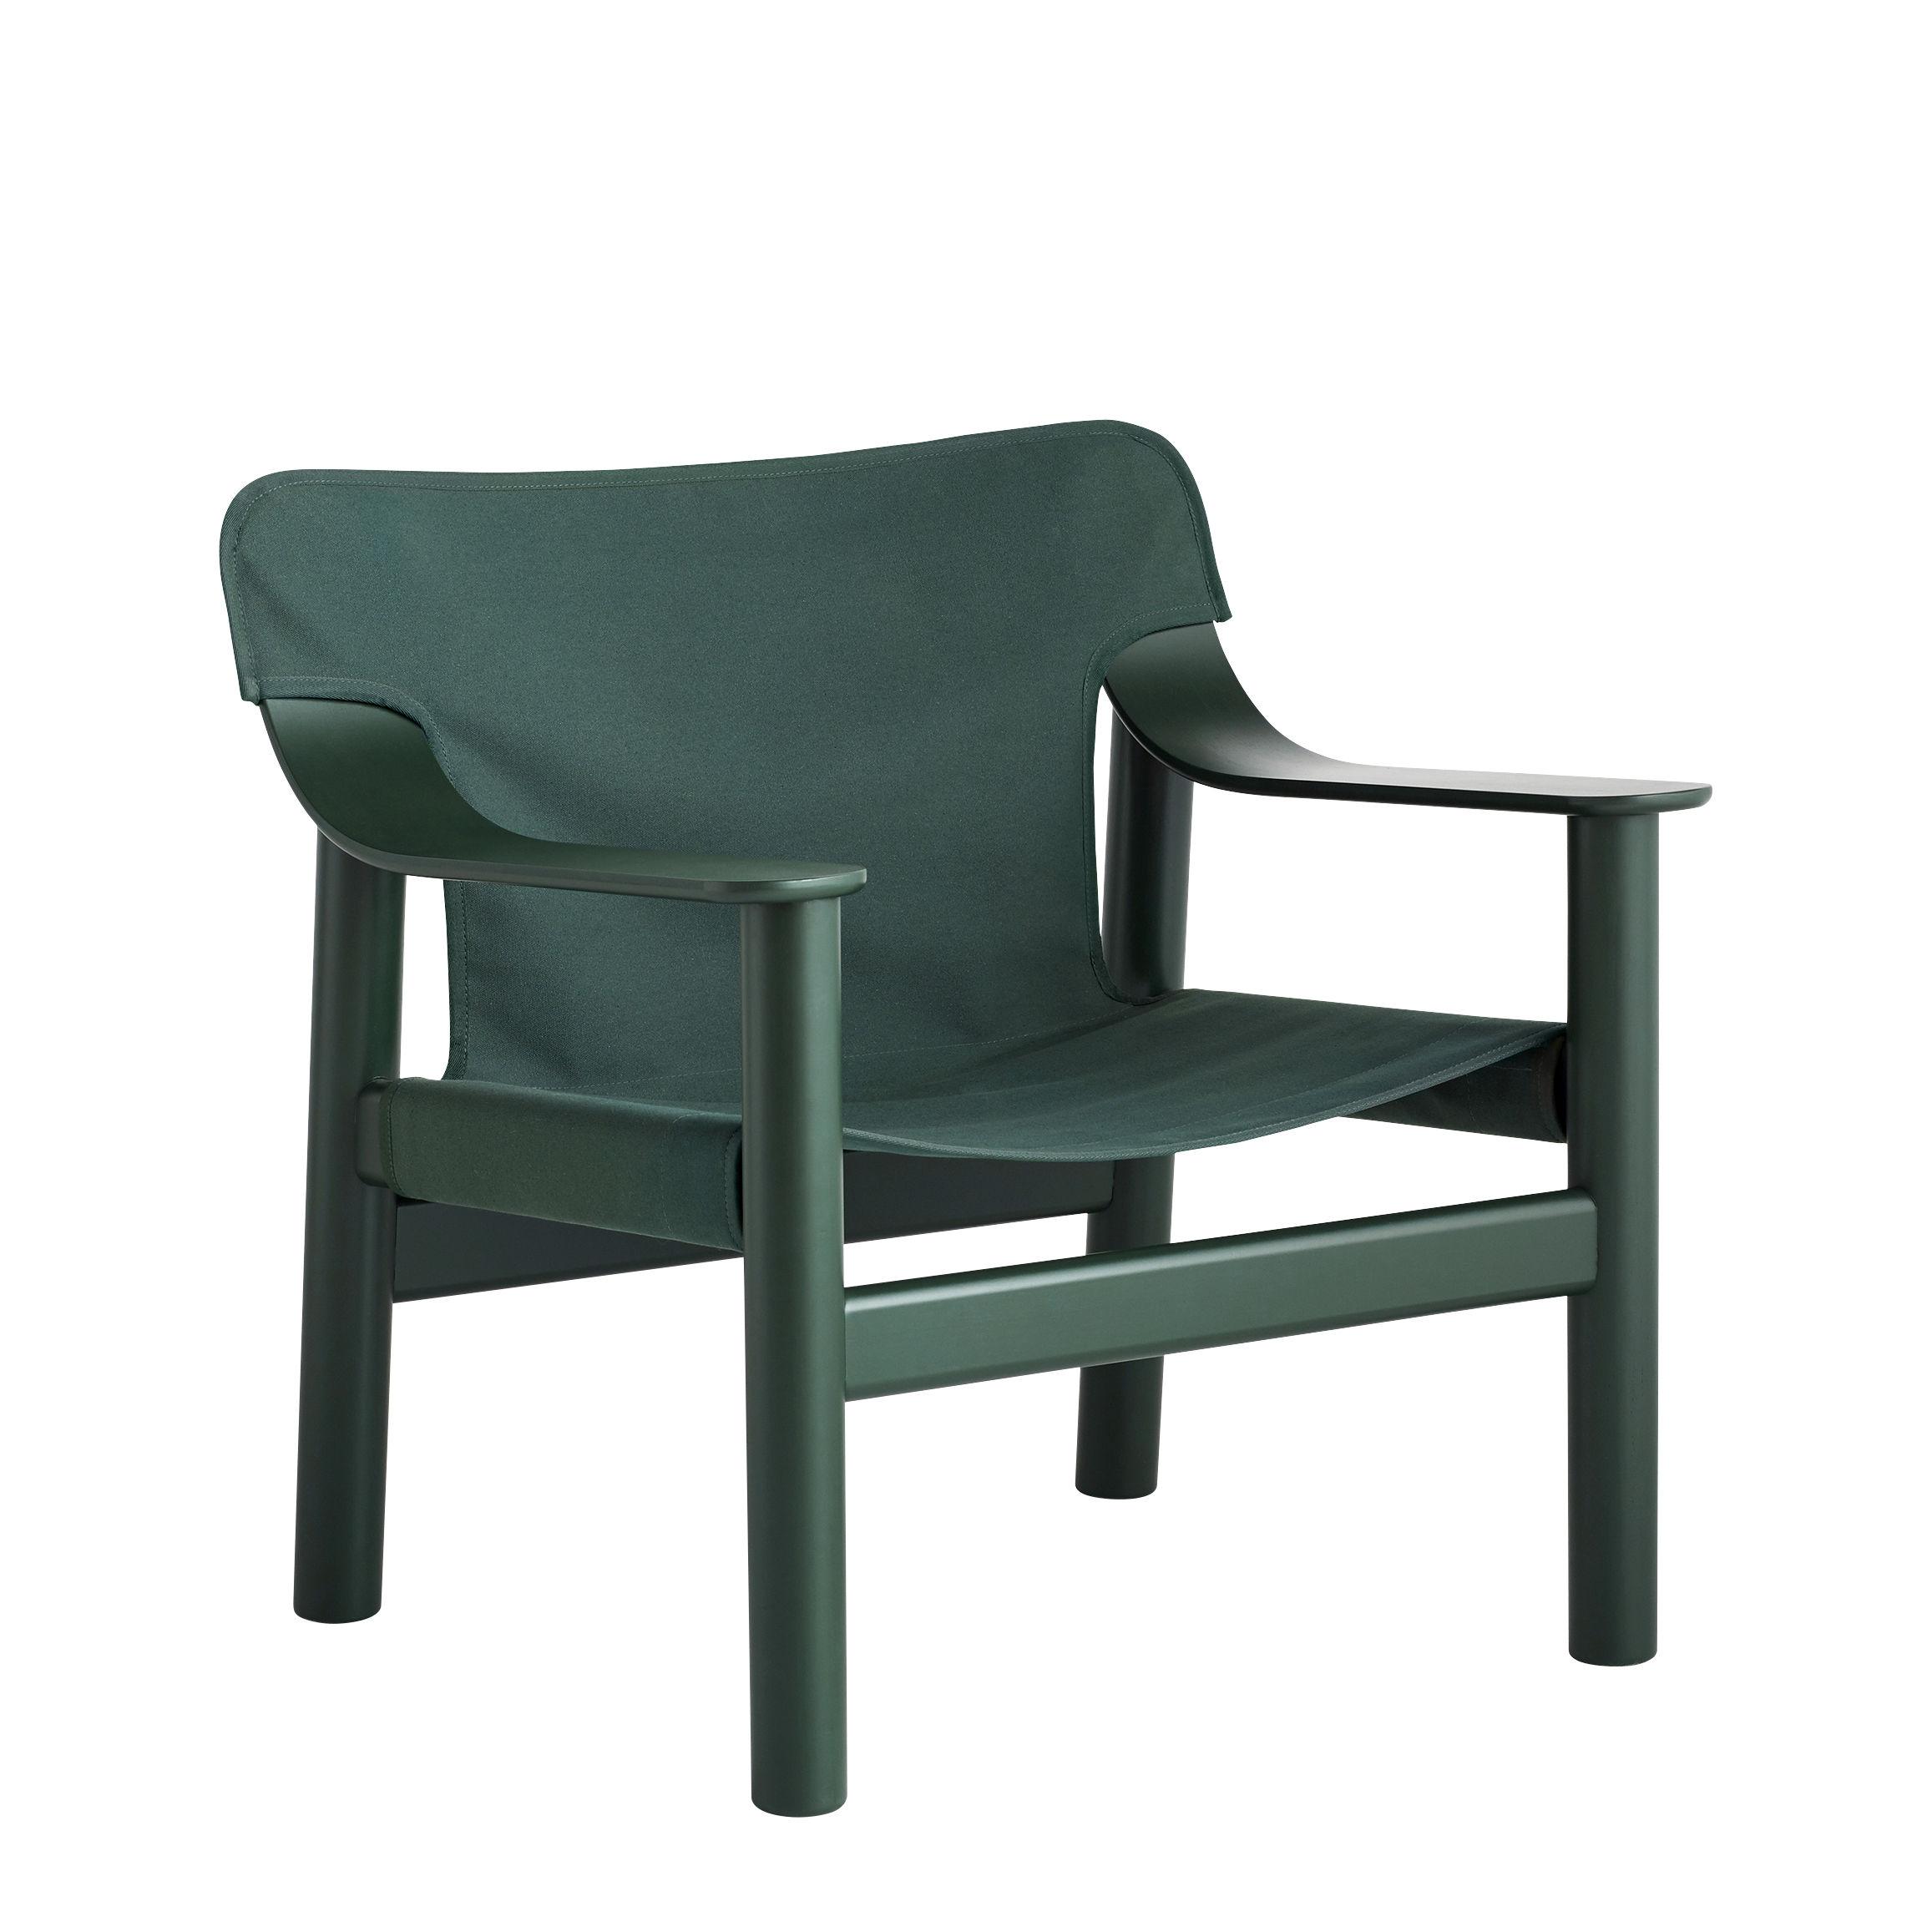 Arredamento - Poltrone design  - Poltrona bassa Bernard - / Tessuto di Hay - Verde / Legno verde - Compensato di faggio sagomato laccato, Faggio massello laccato, Tela in cotone